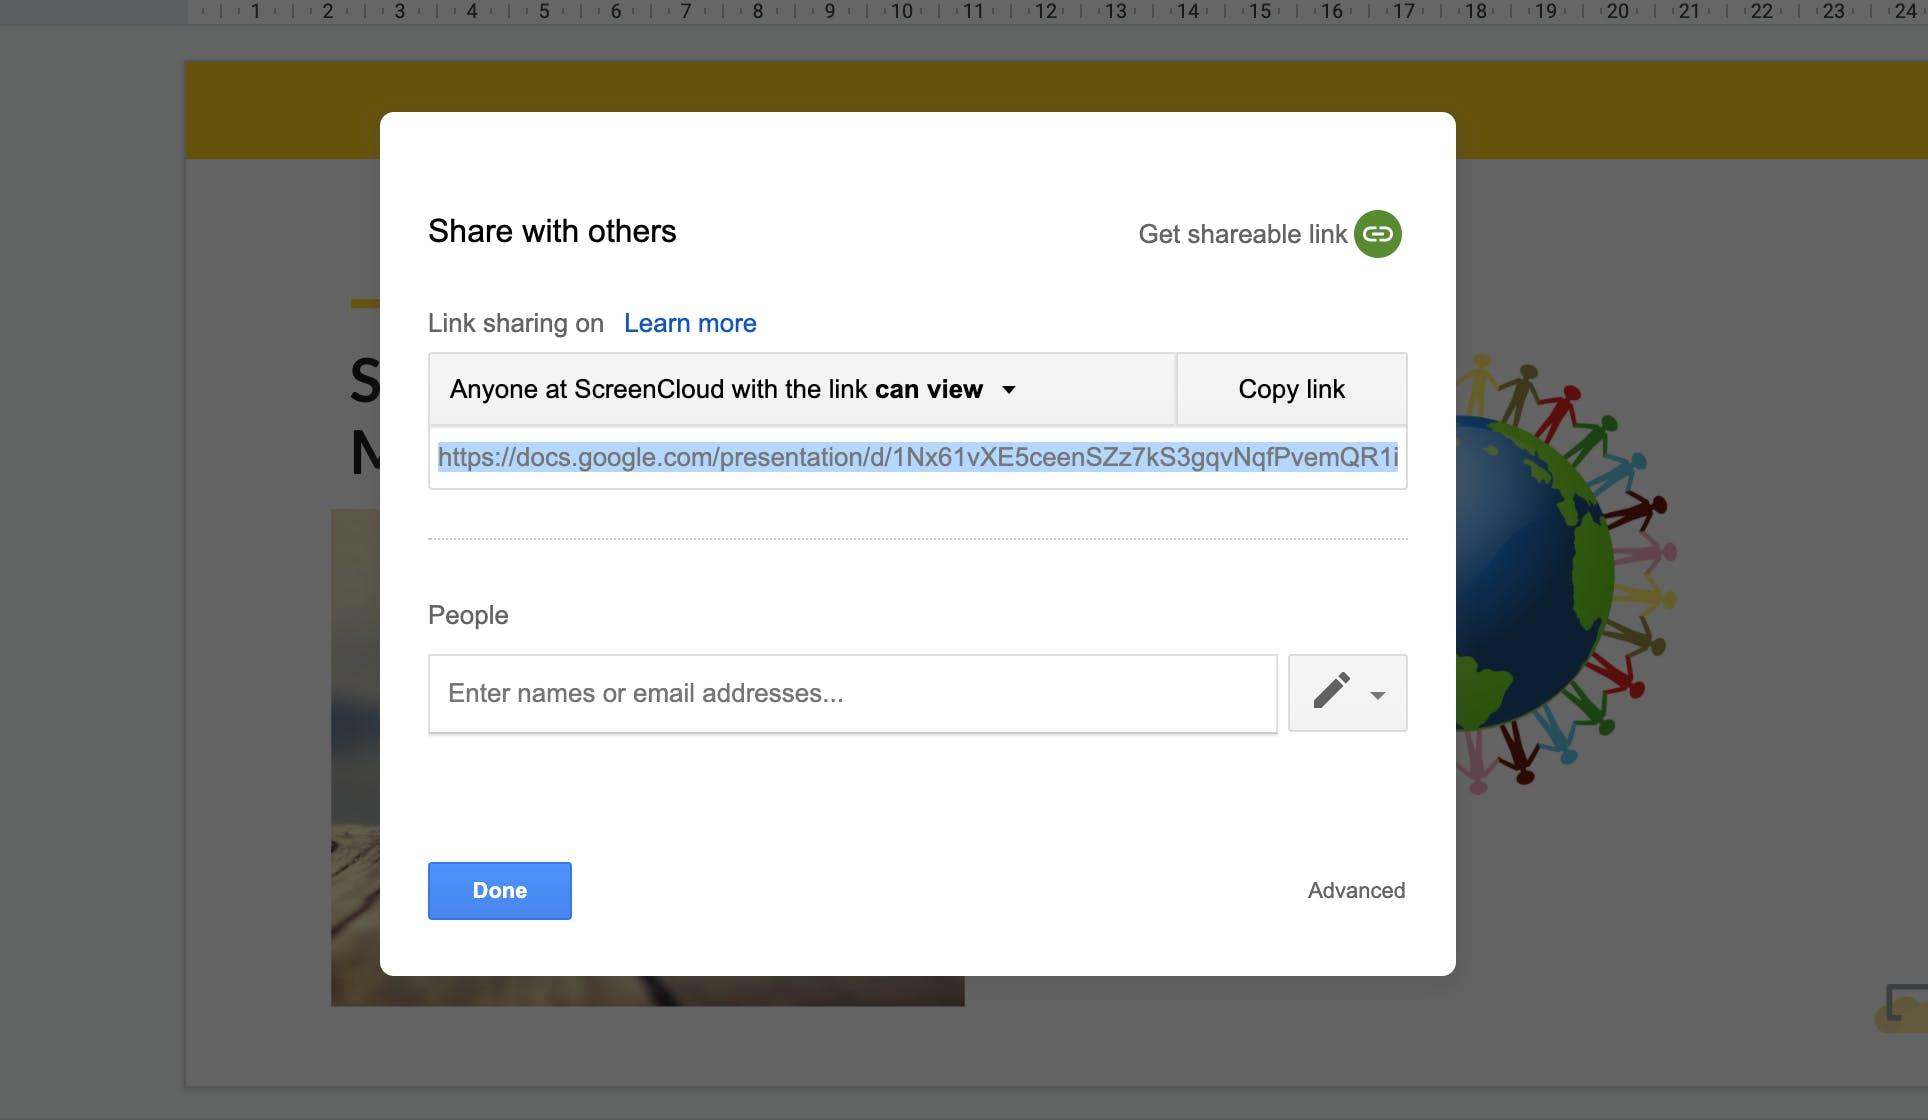 Google Slides App Guide - Copy Google Link 5.13.2020.png